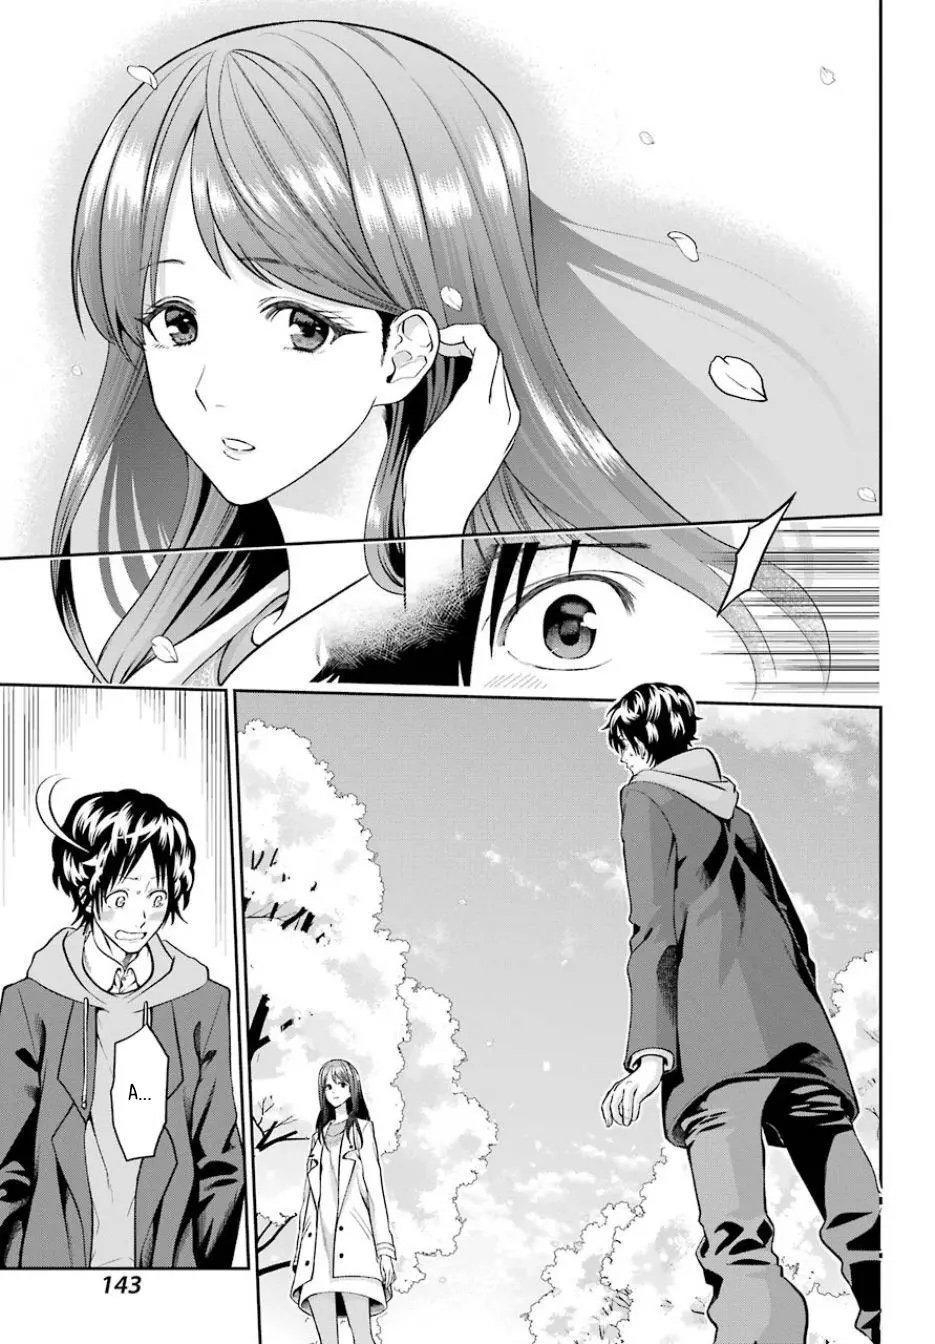 Boku wa mata, kimi ni sayonara no kazu o miru: Chapter 1